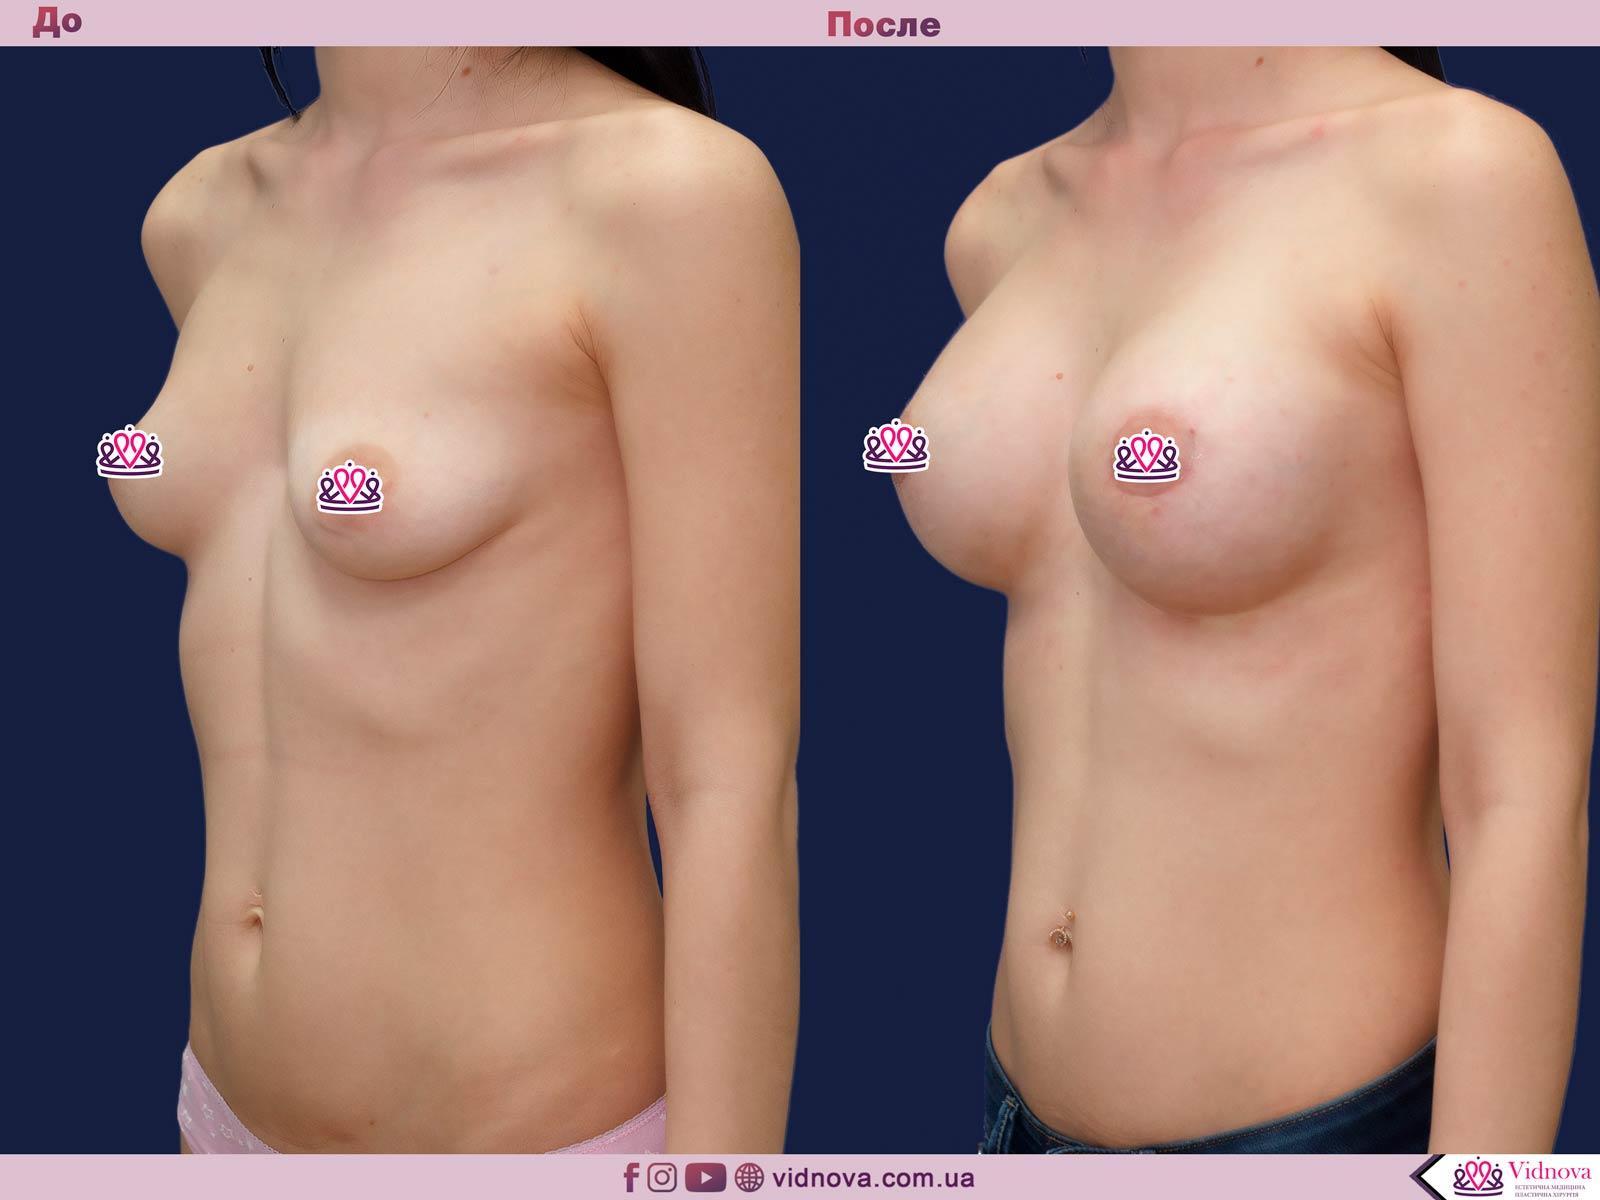 Пластика груди: результаты до и после - Пример №36-1 - Светлана Работенко